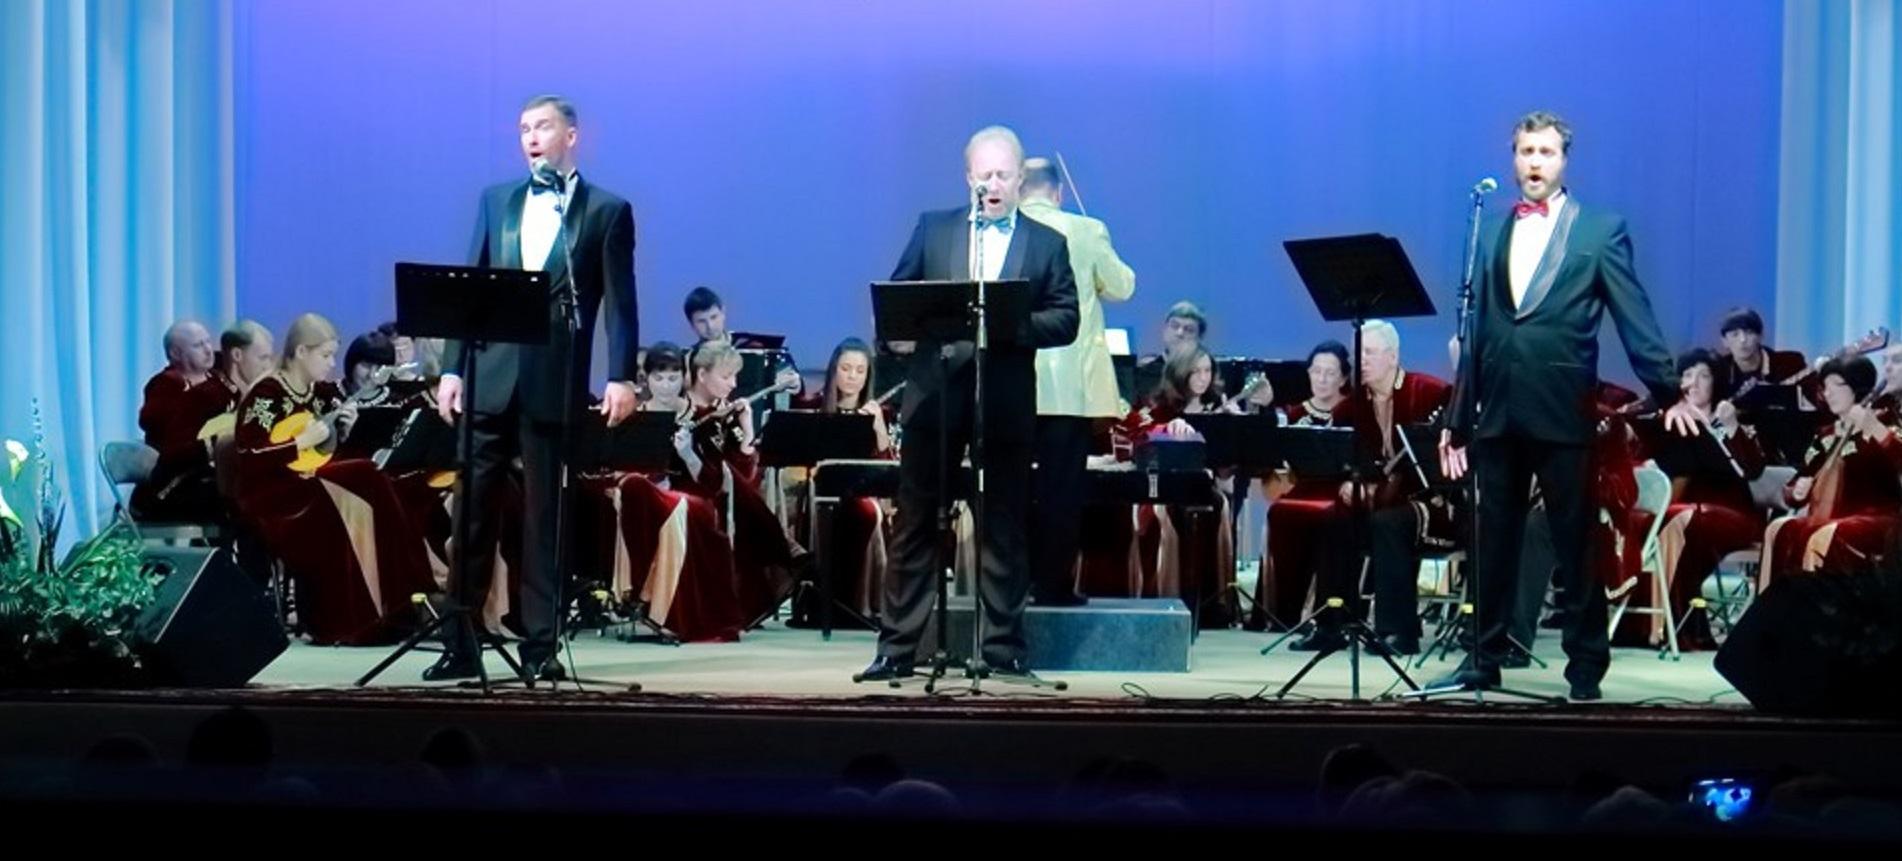 Дорогой длинною. Три баса-профундо и оркестр Русских народных инструментов